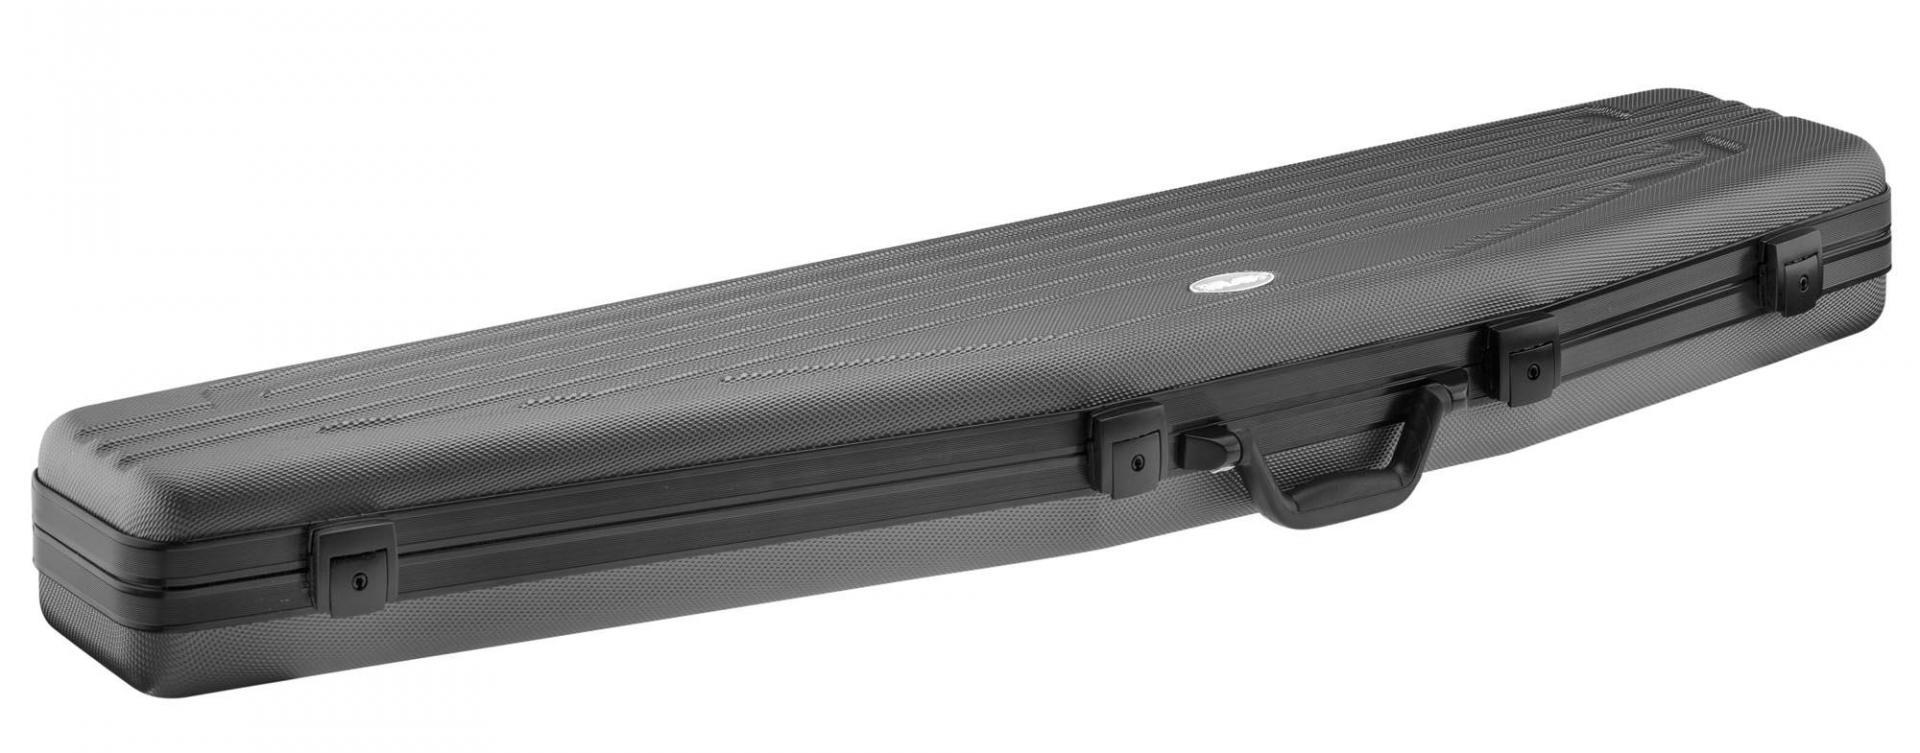 Mallette pour transport a rien de carabine longueur 132 cms - Arme a feu pas cher ...